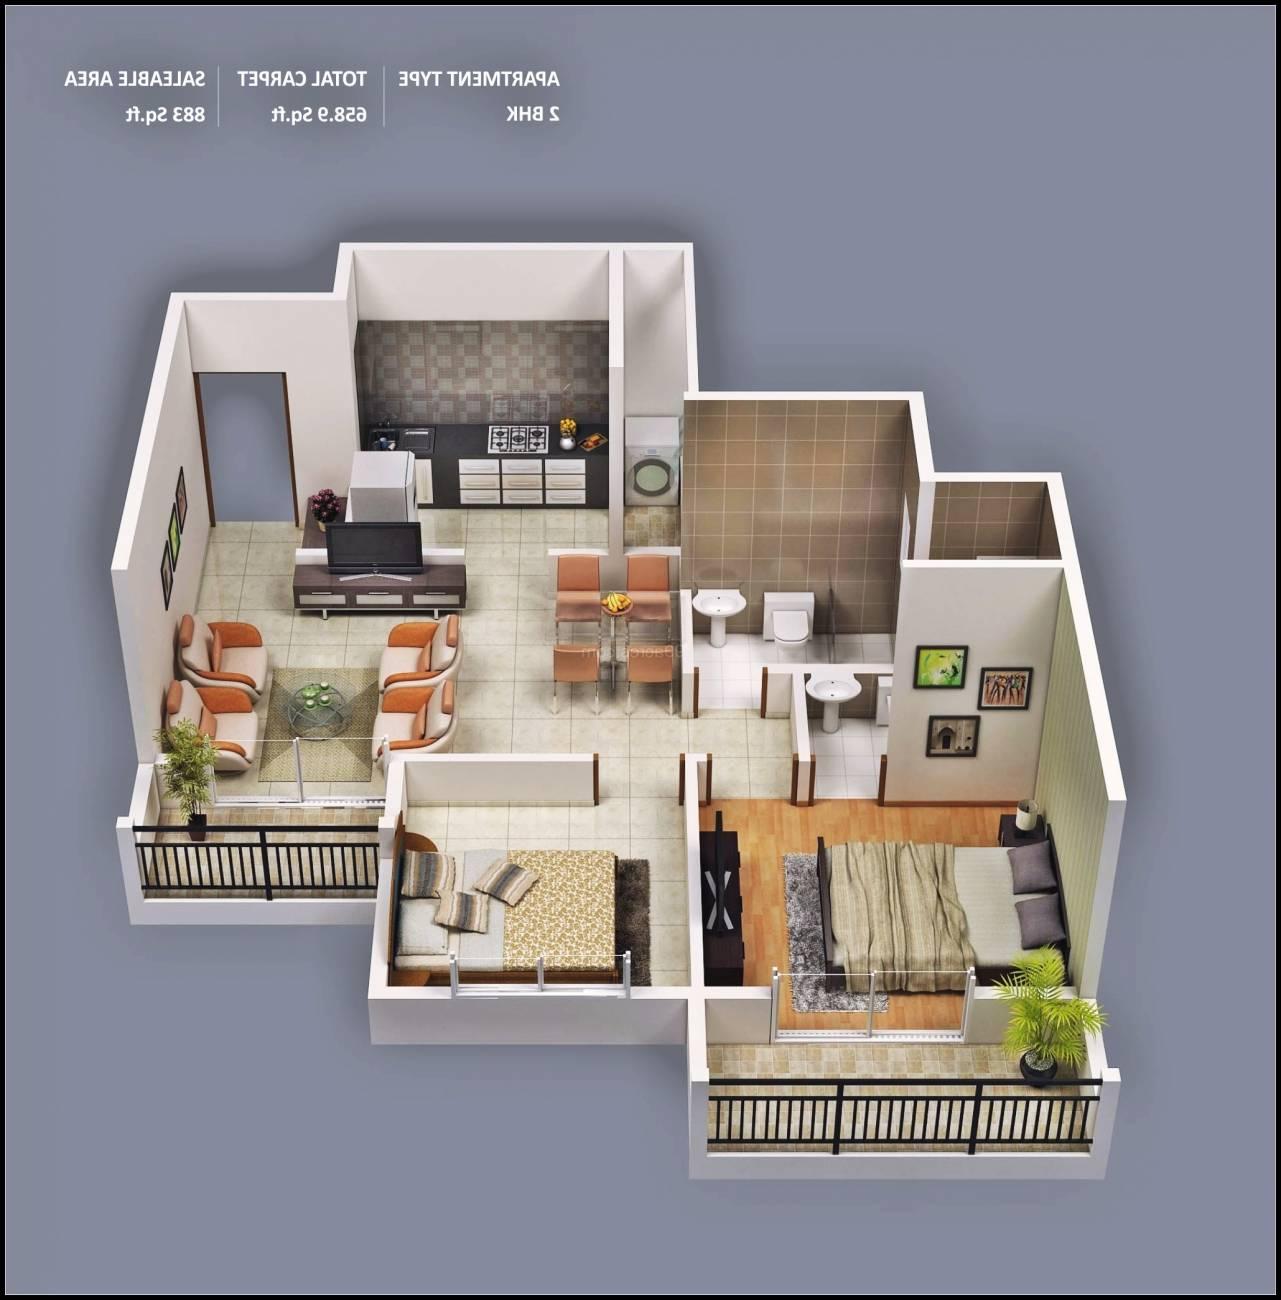 Wow Desain Rumah Sederhana 2 Kamar 81 Bangun Ide Desain Interior Rumah dengan Desain Rumah Sederhana 2 Kamar